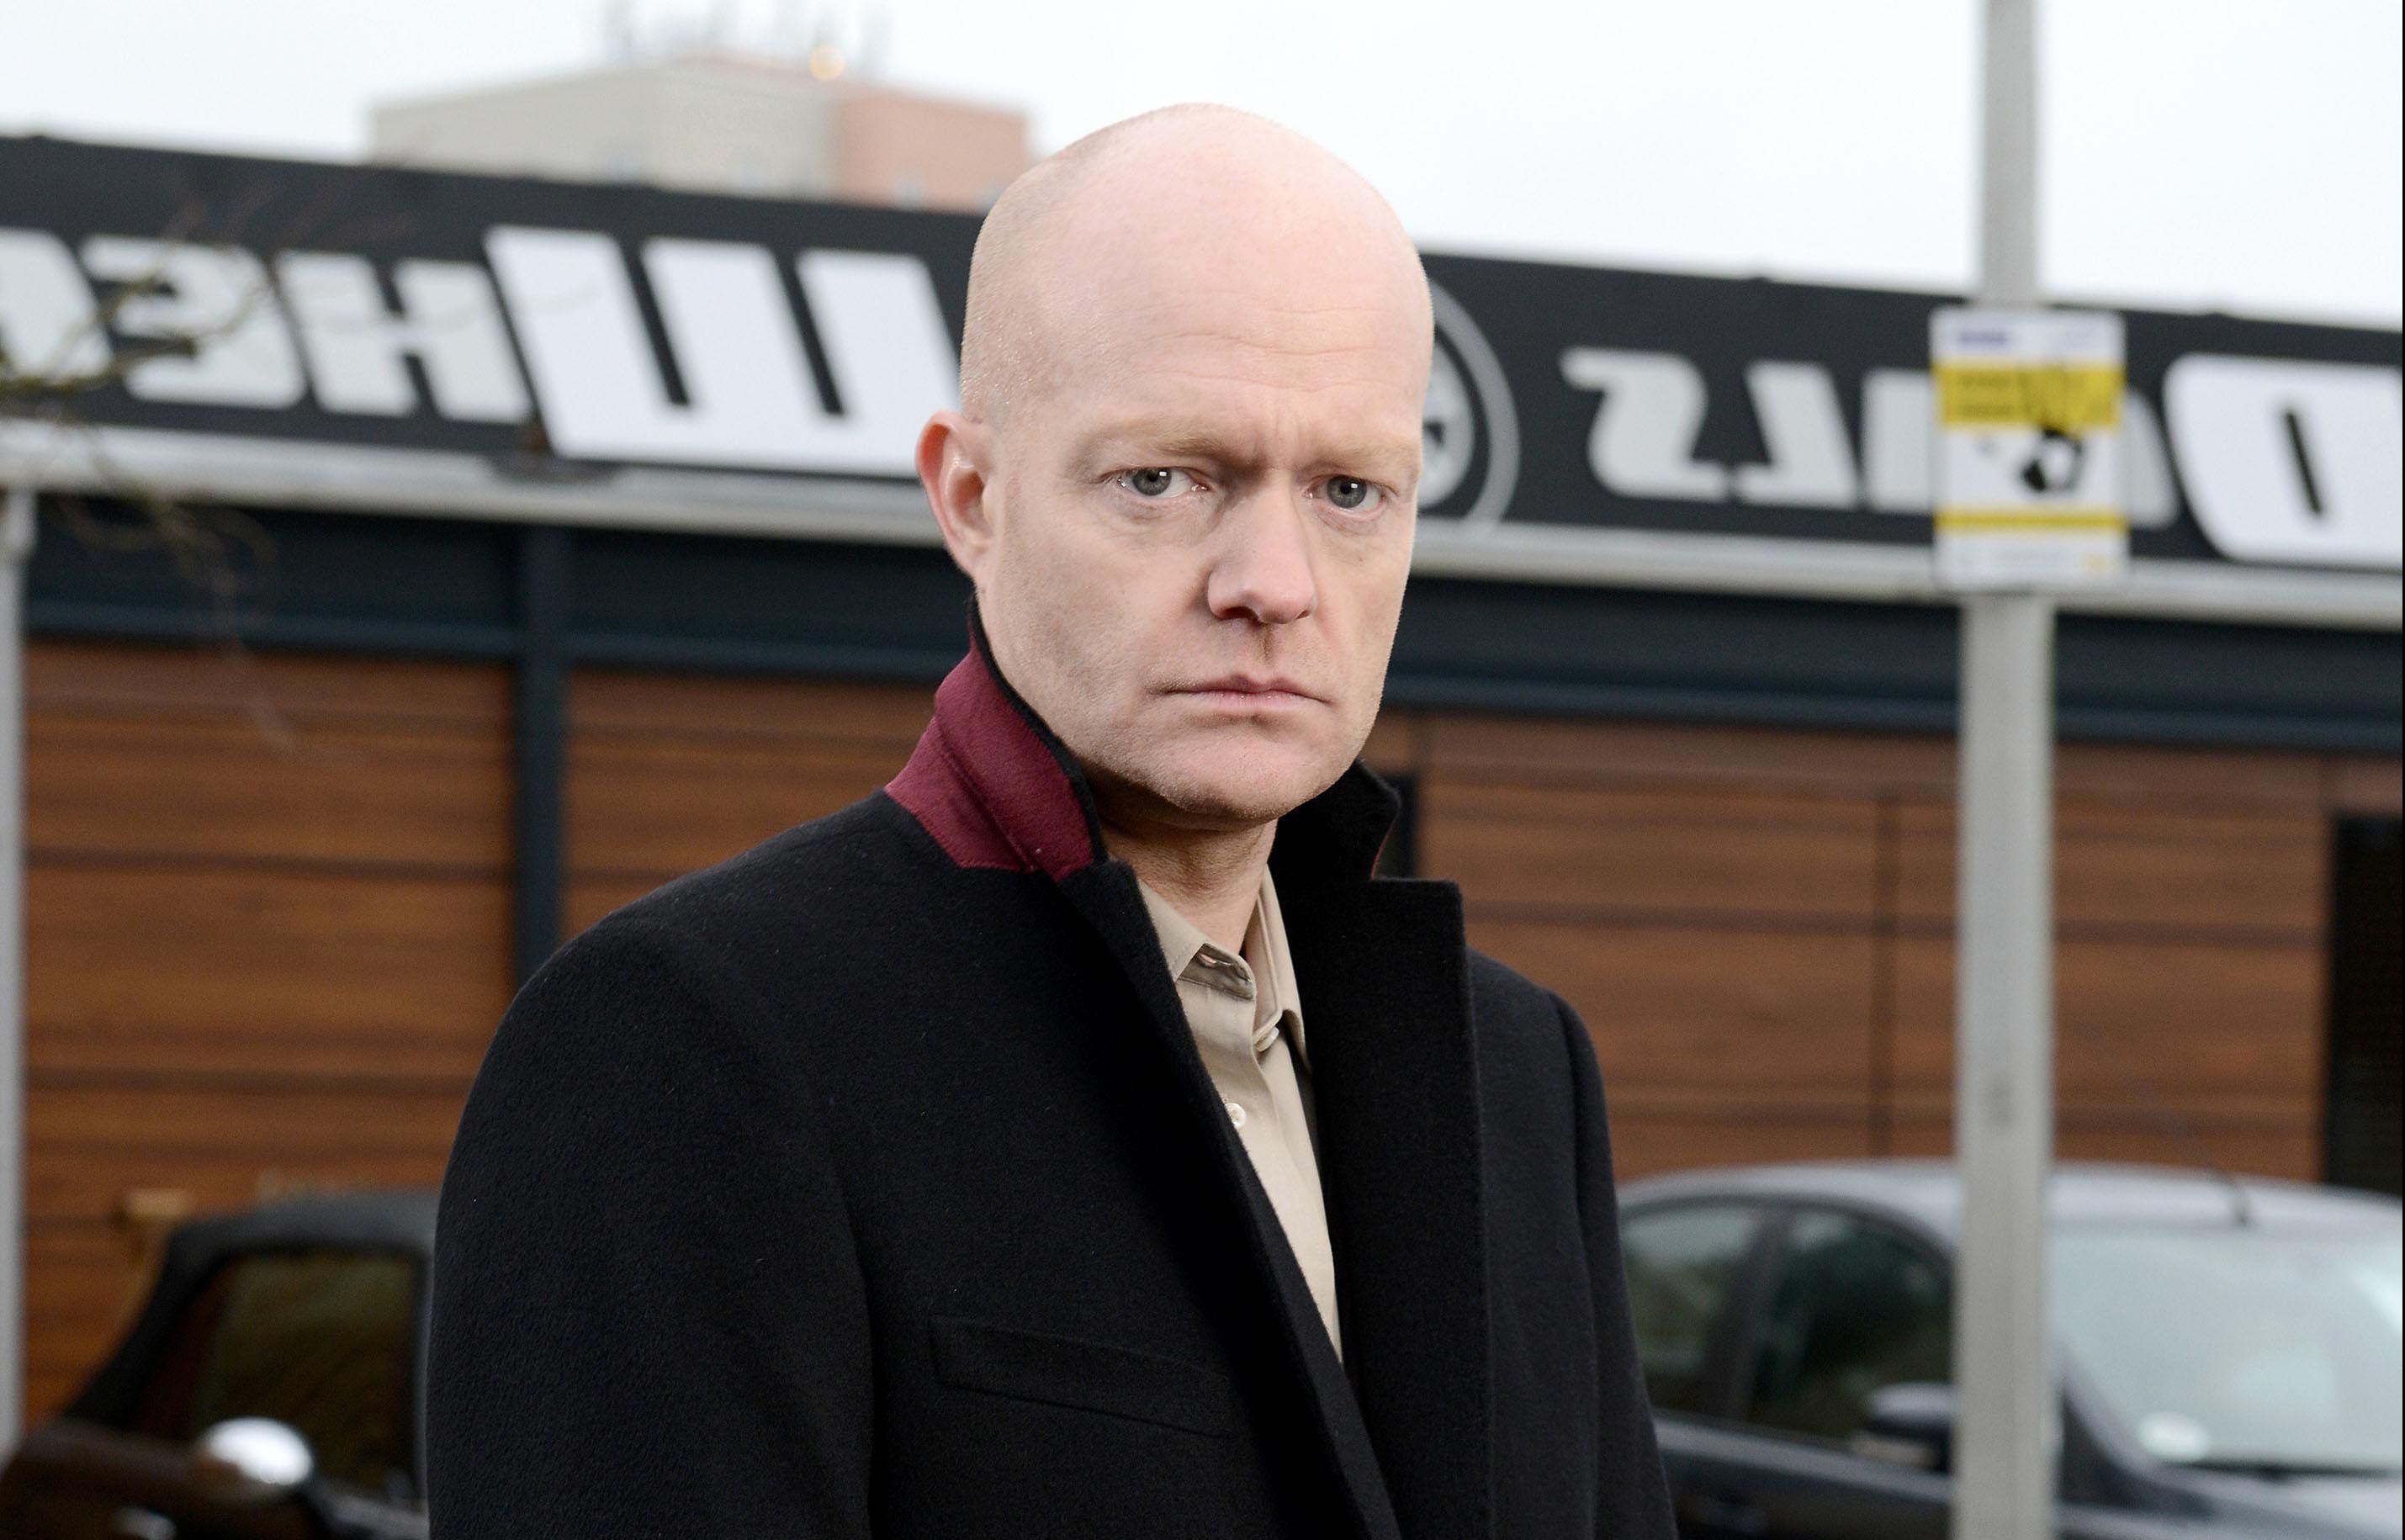 EastEnders spoilers: Jake Wood teases Max Branning's return and plans to seek revenge on the Beales